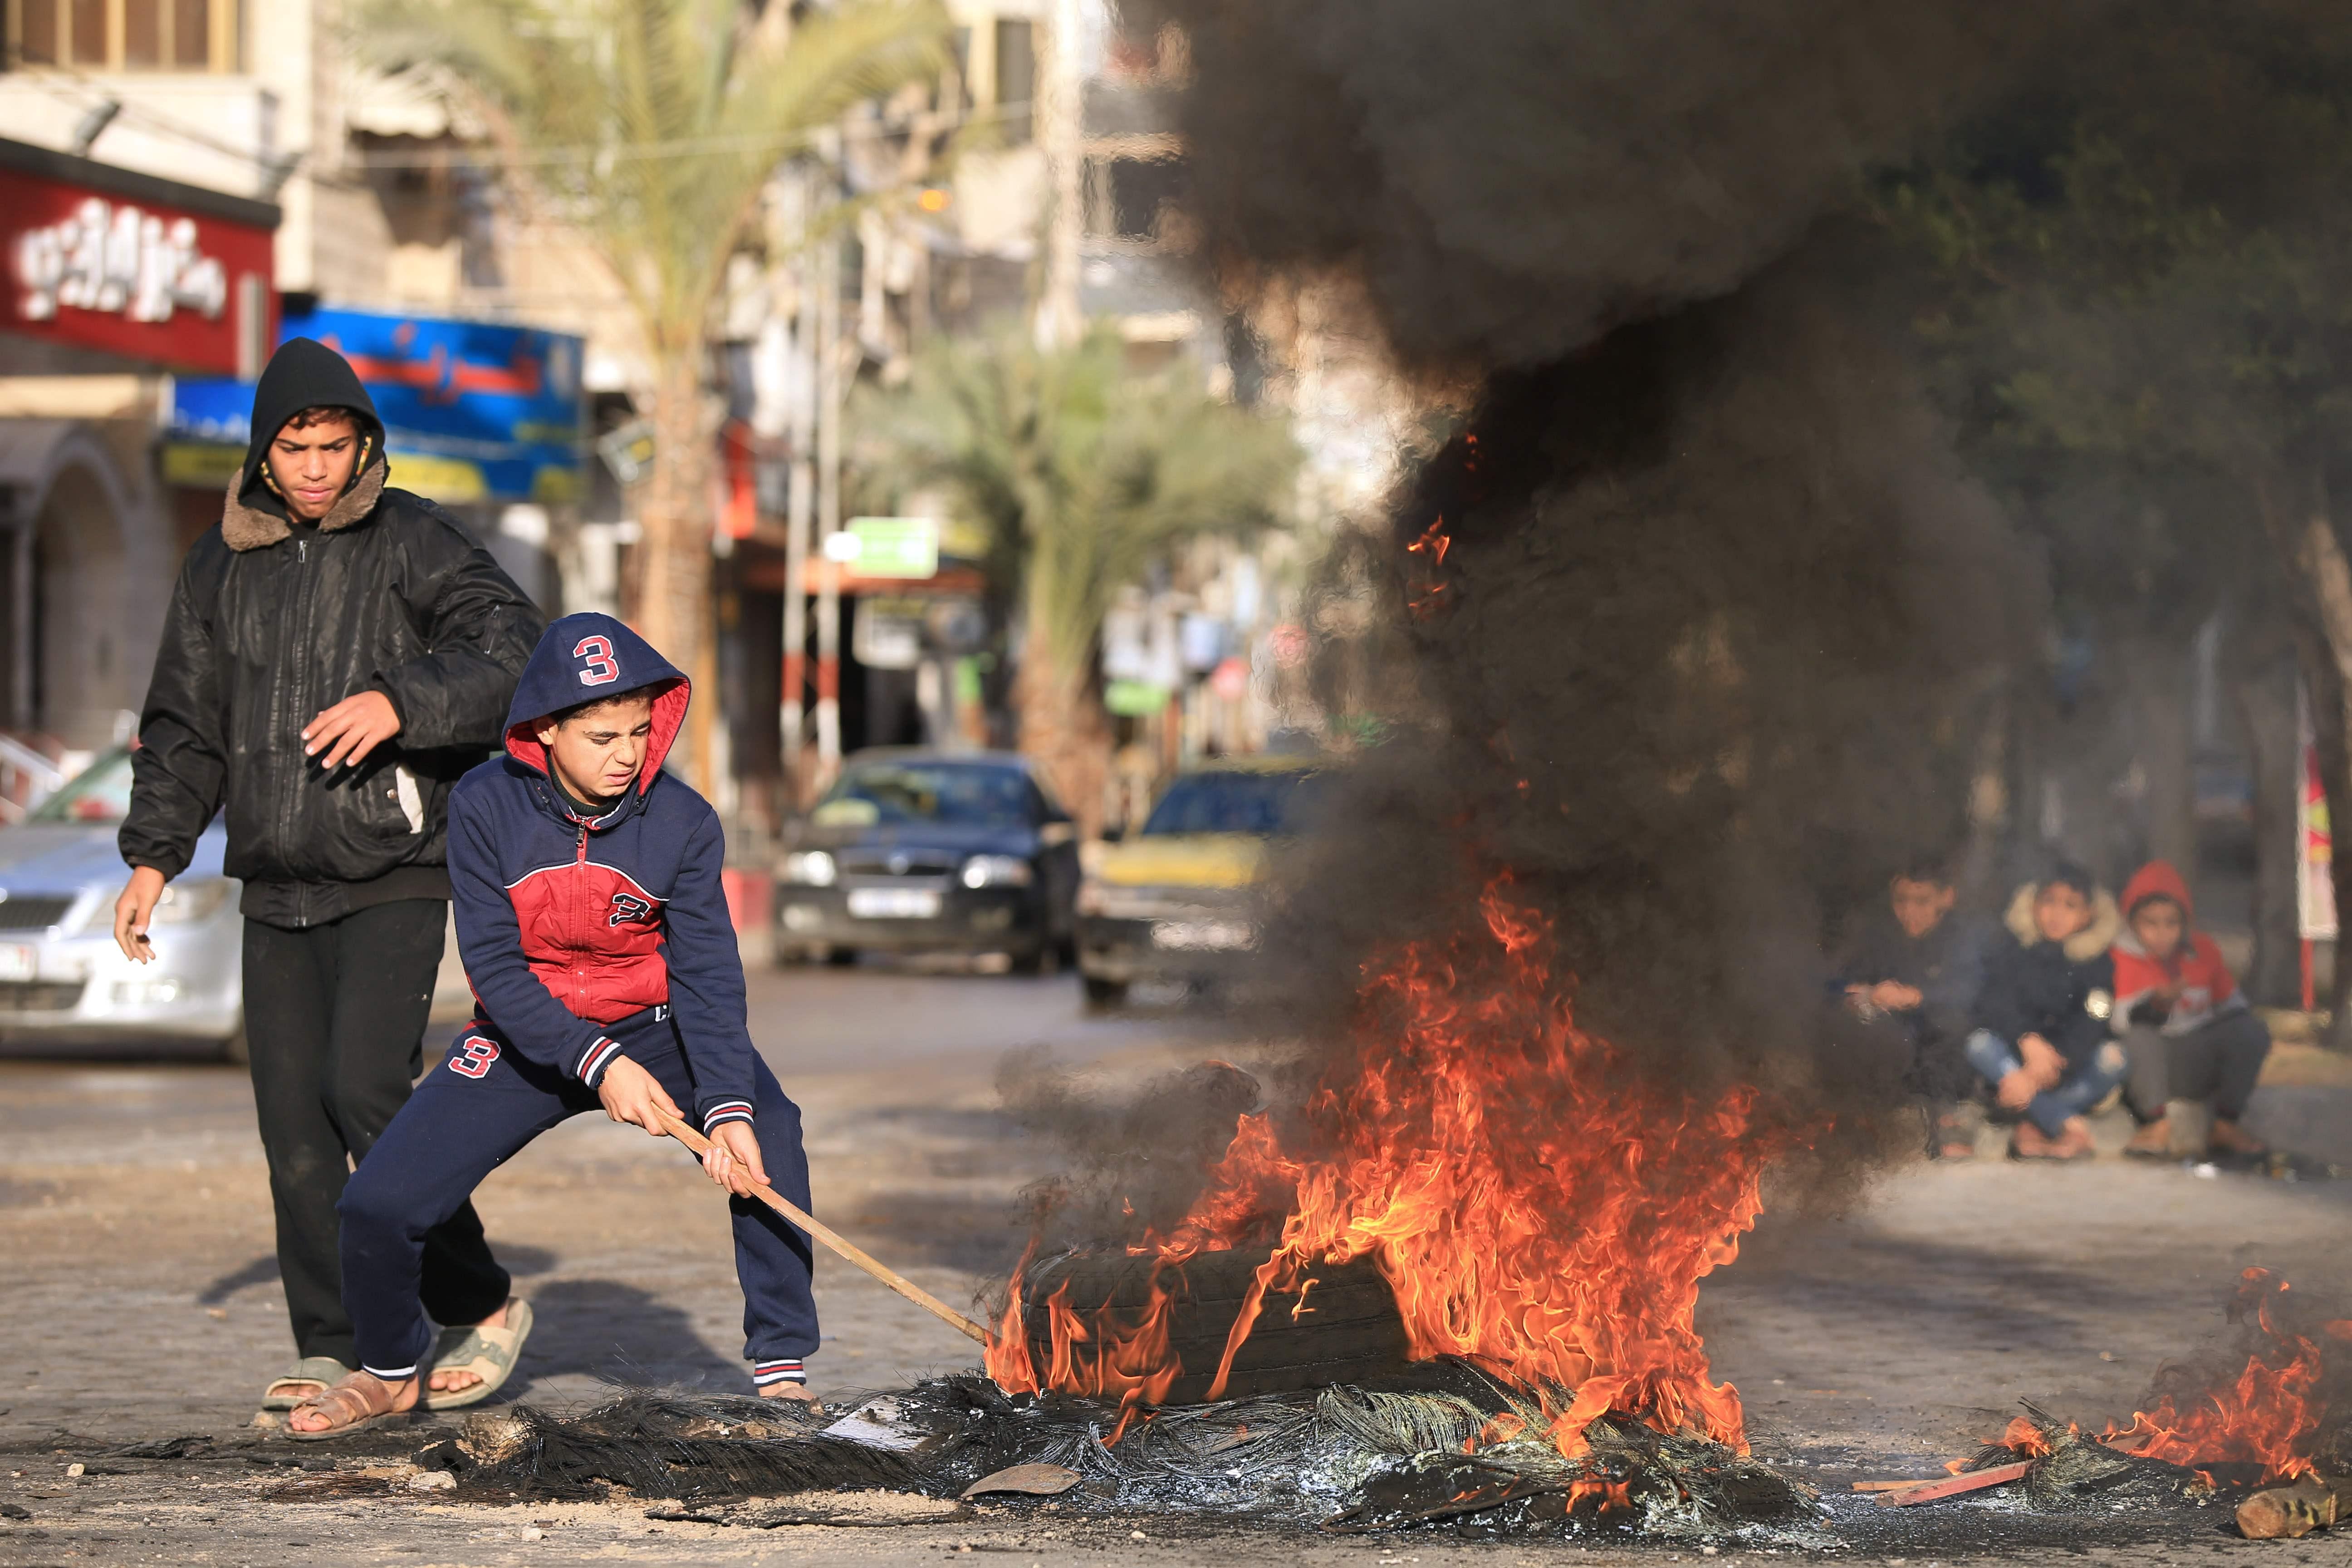 اشعال النار فى شوارع غزة احتجاجا على قرار ترامب